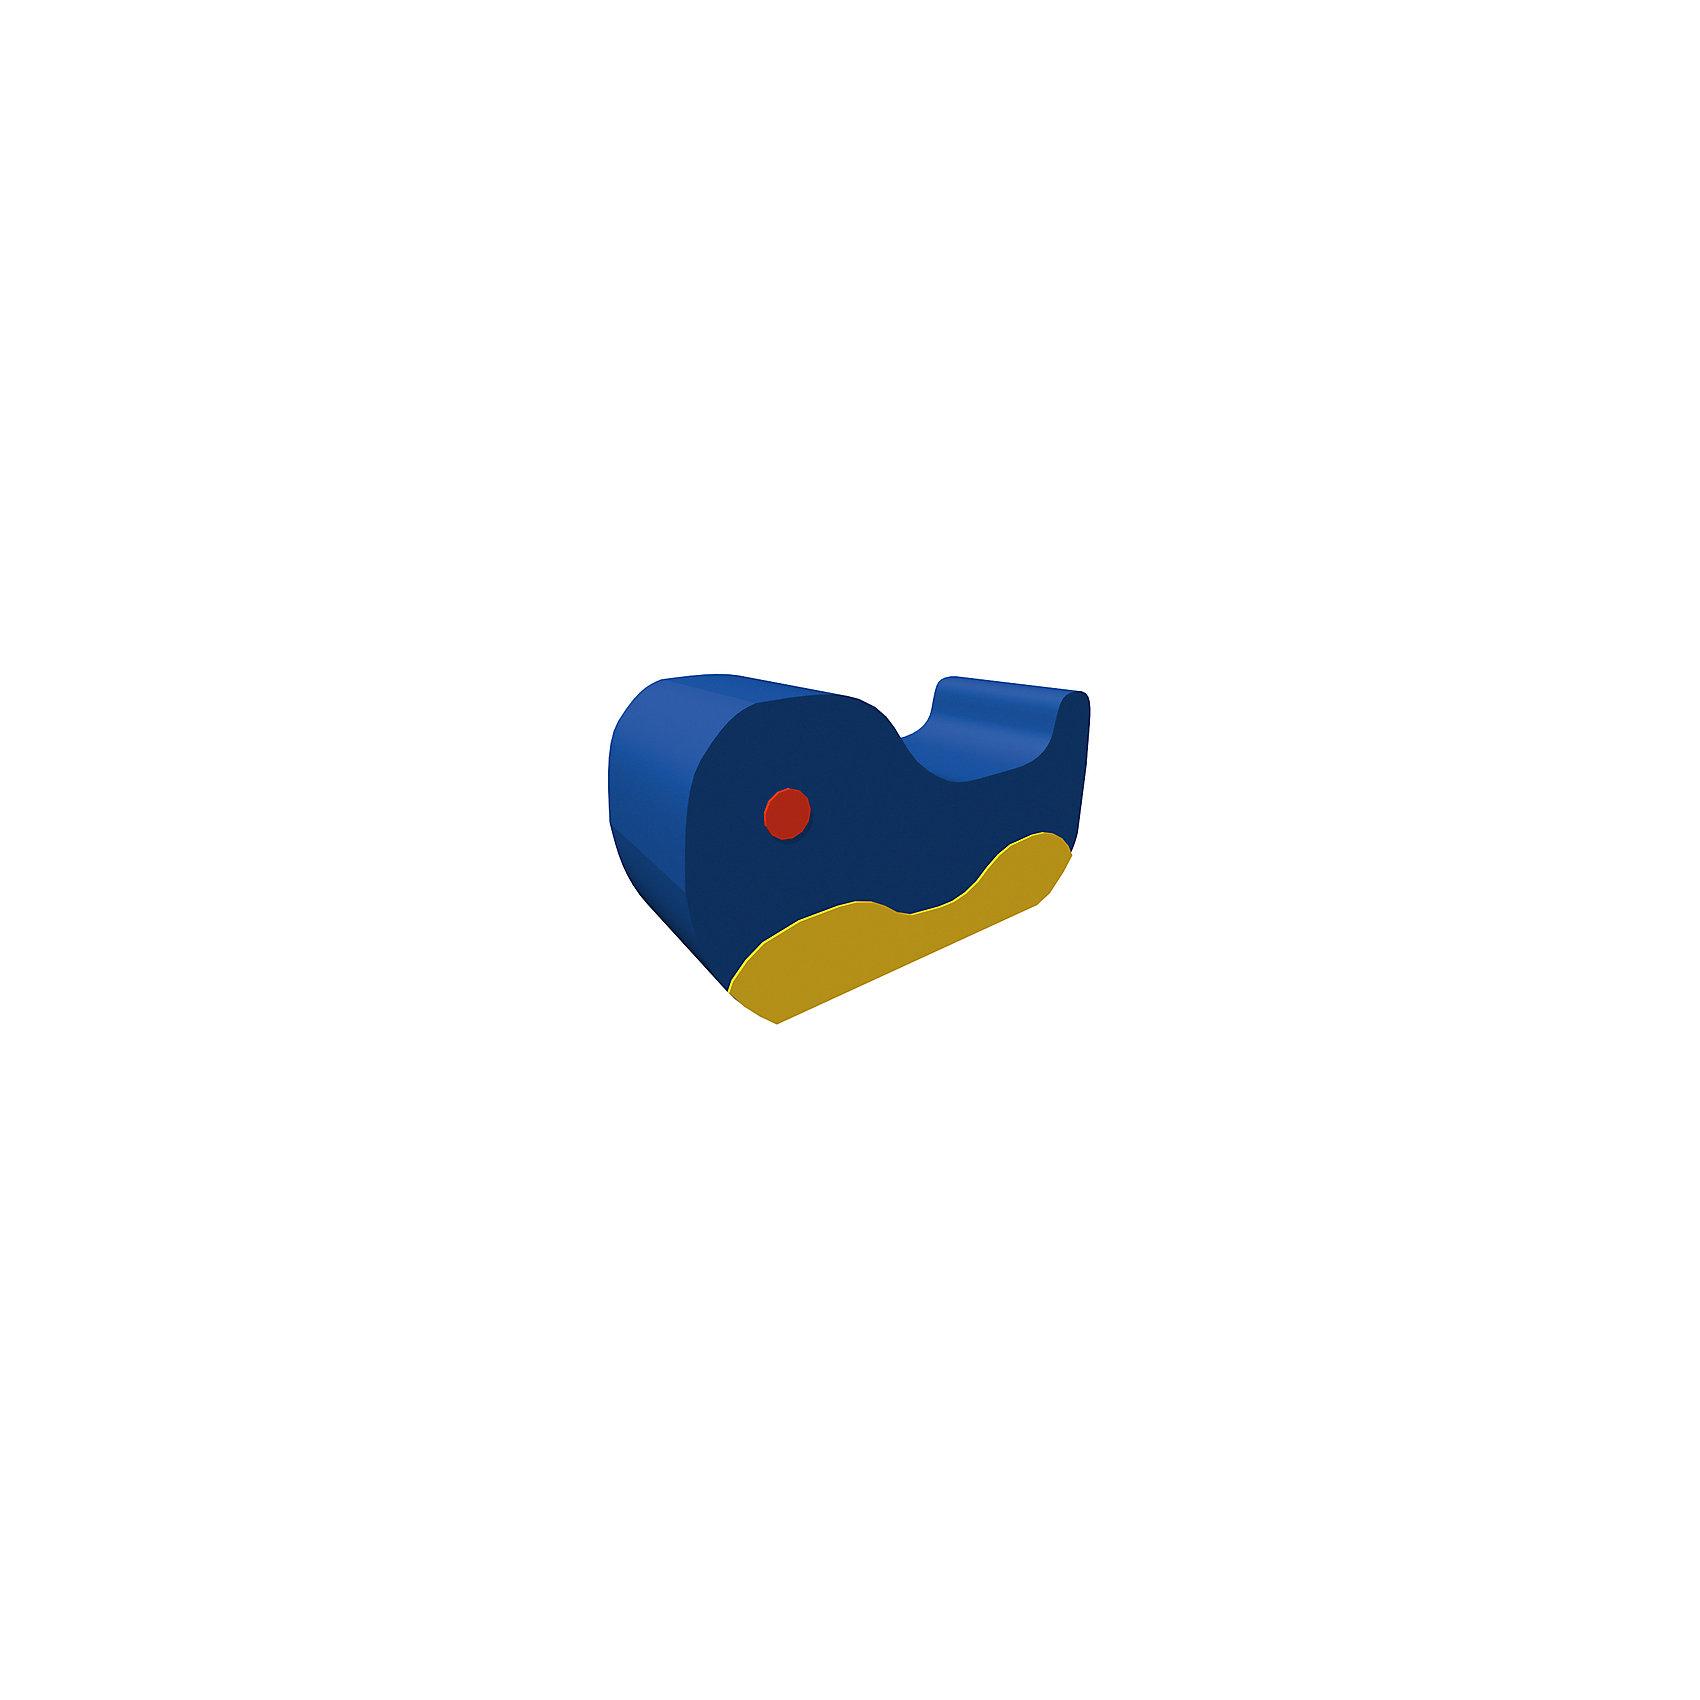 Игровая мебель Кит, ROMANAМебель<br>Мягкий комплекс – контурная Изделие в детскую комнату, который укрепляет мышцы спины и развивает равновесие. Форма «кит» понравится всем малышам. Полное отсутствие острых углов и твердых поверхностей позволит детям использовать игрушку в своих играх и не получить травм или повреждений. Изделие подходит к другим модулям из серии. Развивает координацию, вестибулярный аппарат и ловкость. Материалы, использованные при изготовлении комплекса, абсолютно безопасны для детей и отвечают всем международным требованиям по качеству. <br><br>Дополнительная информация: <br><br>цвет: разноцветный;<br>размер: 60х30х30 см;<br>материал: поролон, винилискожа.<br><br>Мягкий комплекс «Кит»  для детей от компании ROMANA можно приобрести в нашем магазине.<br><br>Ширина мм: 770<br>Глубина мм: 250<br>Высота мм: 430<br>Вес г: 3000<br>Возраст от месяцев: 36<br>Возраст до месяцев: 120<br>Пол: Унисекс<br>Возраст: Детский<br>SKU: 4993343